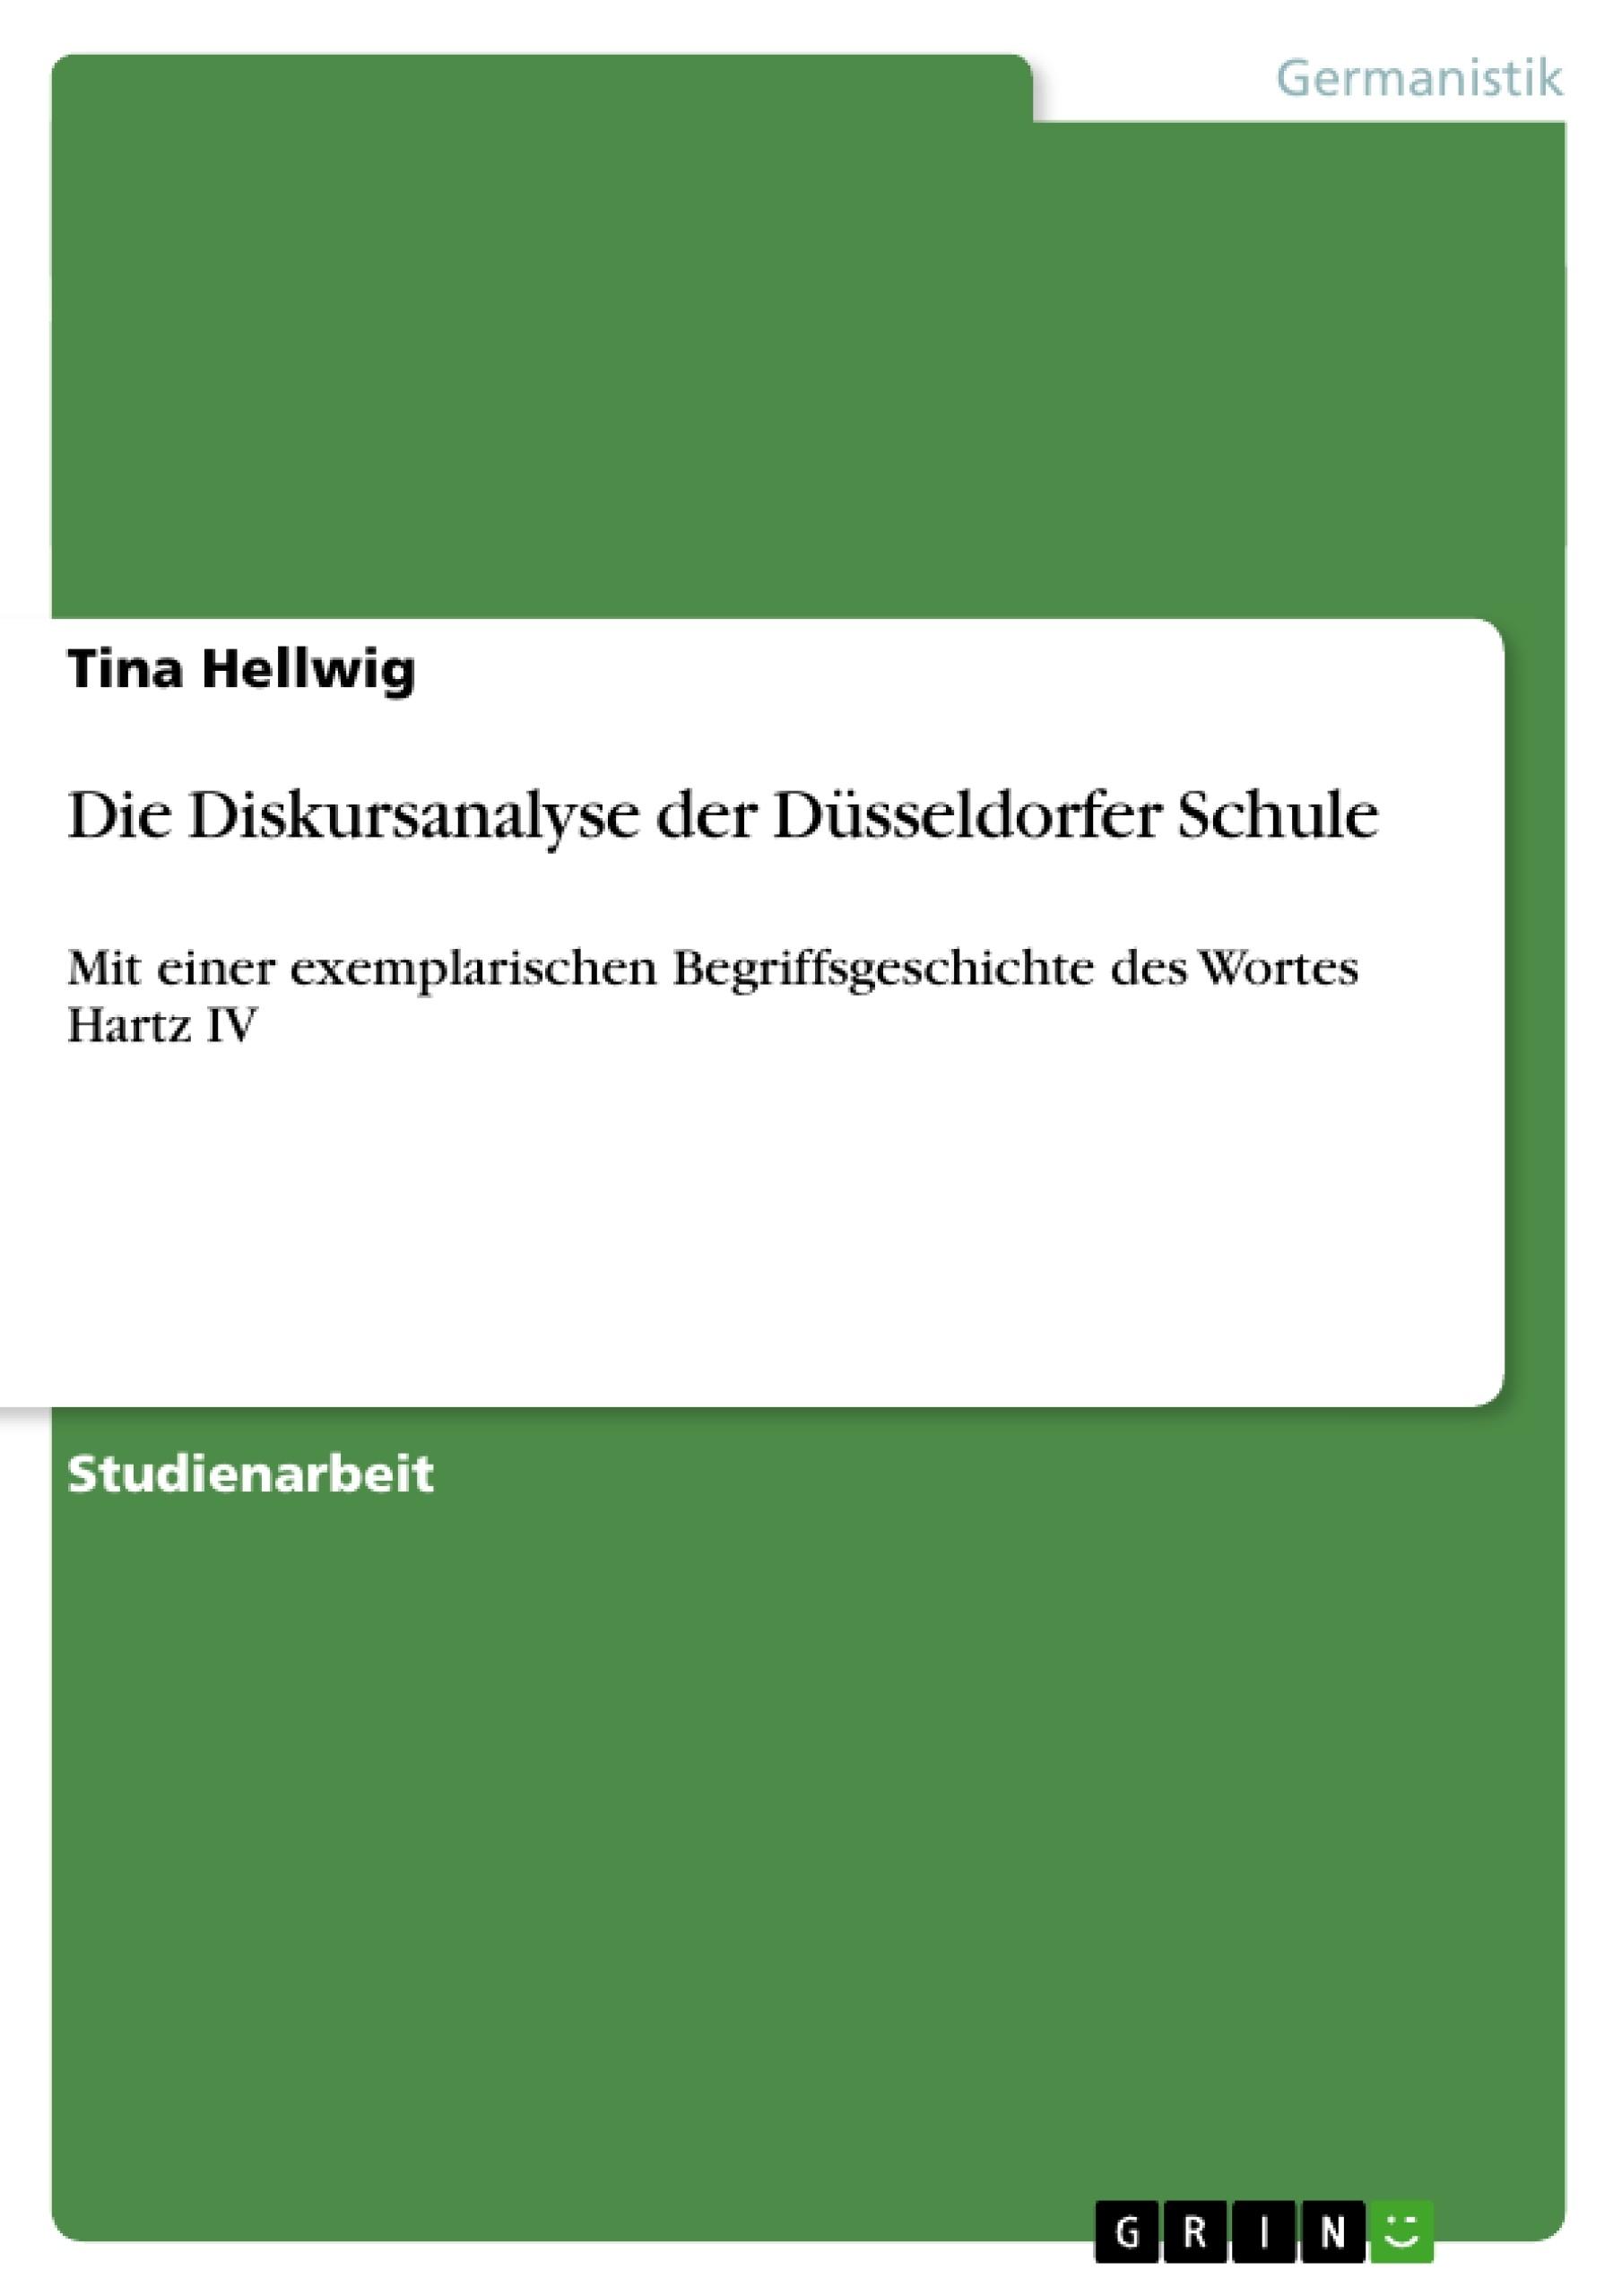 Titel: Die Diskursanalyse der Düsseldorfer Schule